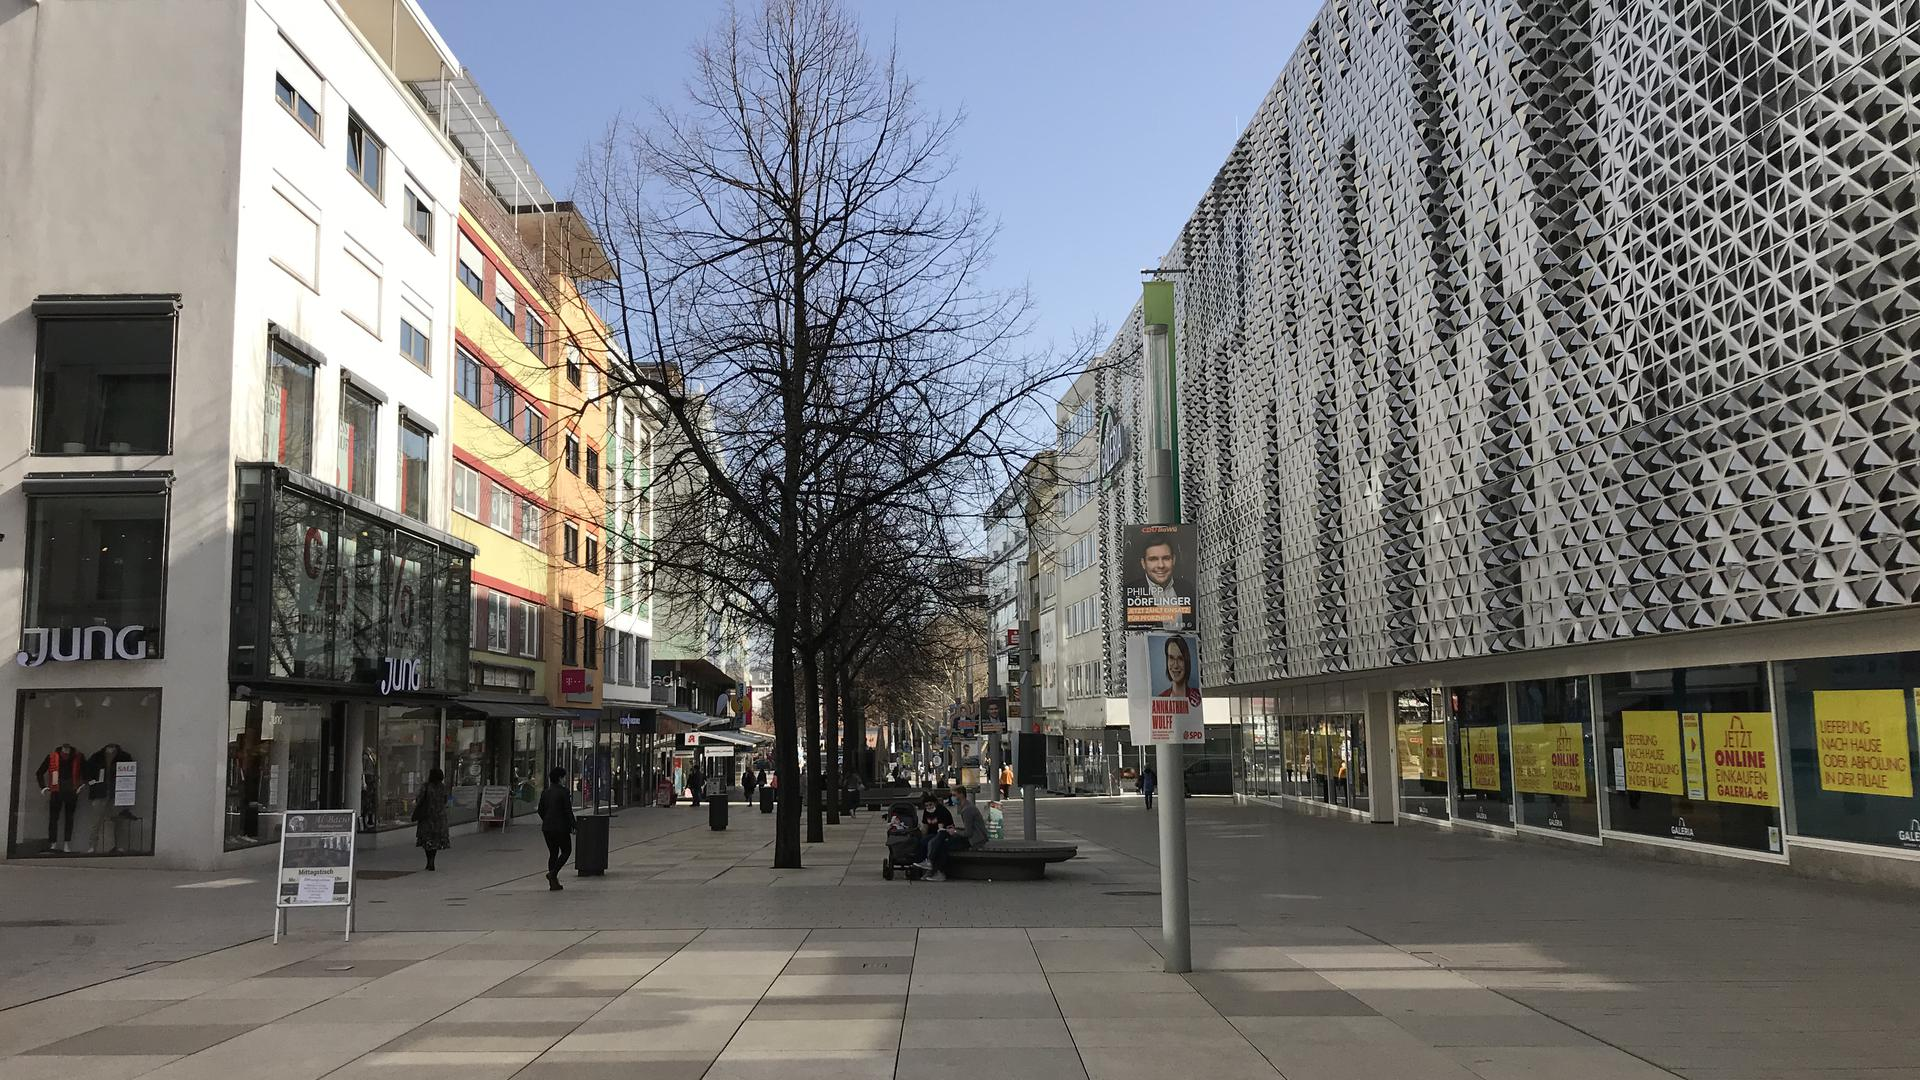 Fußgängerzone Pforzheim mit Blick in Richtung Osten zum Marktplatz. Links Jung, rechts Galeria Kaufhof